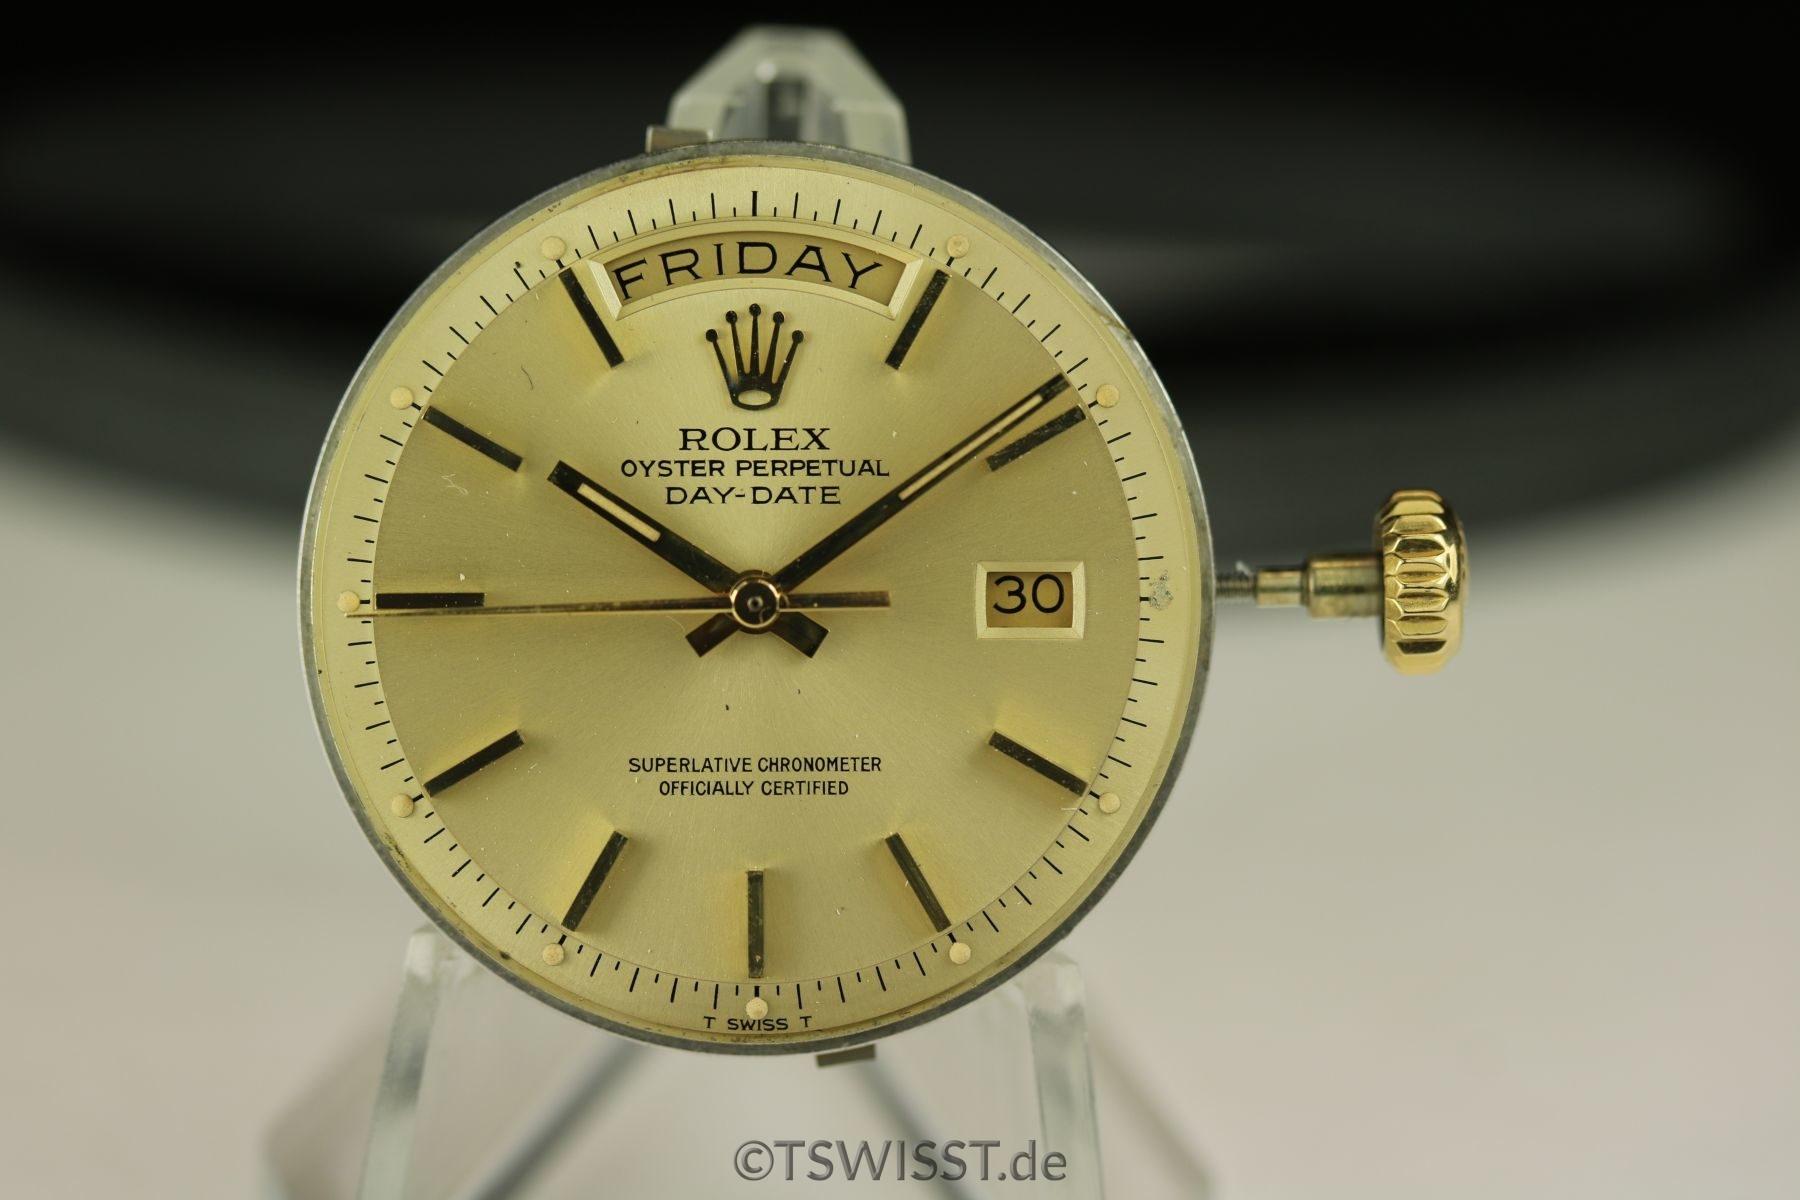 Rolex Day-date caliber 1556